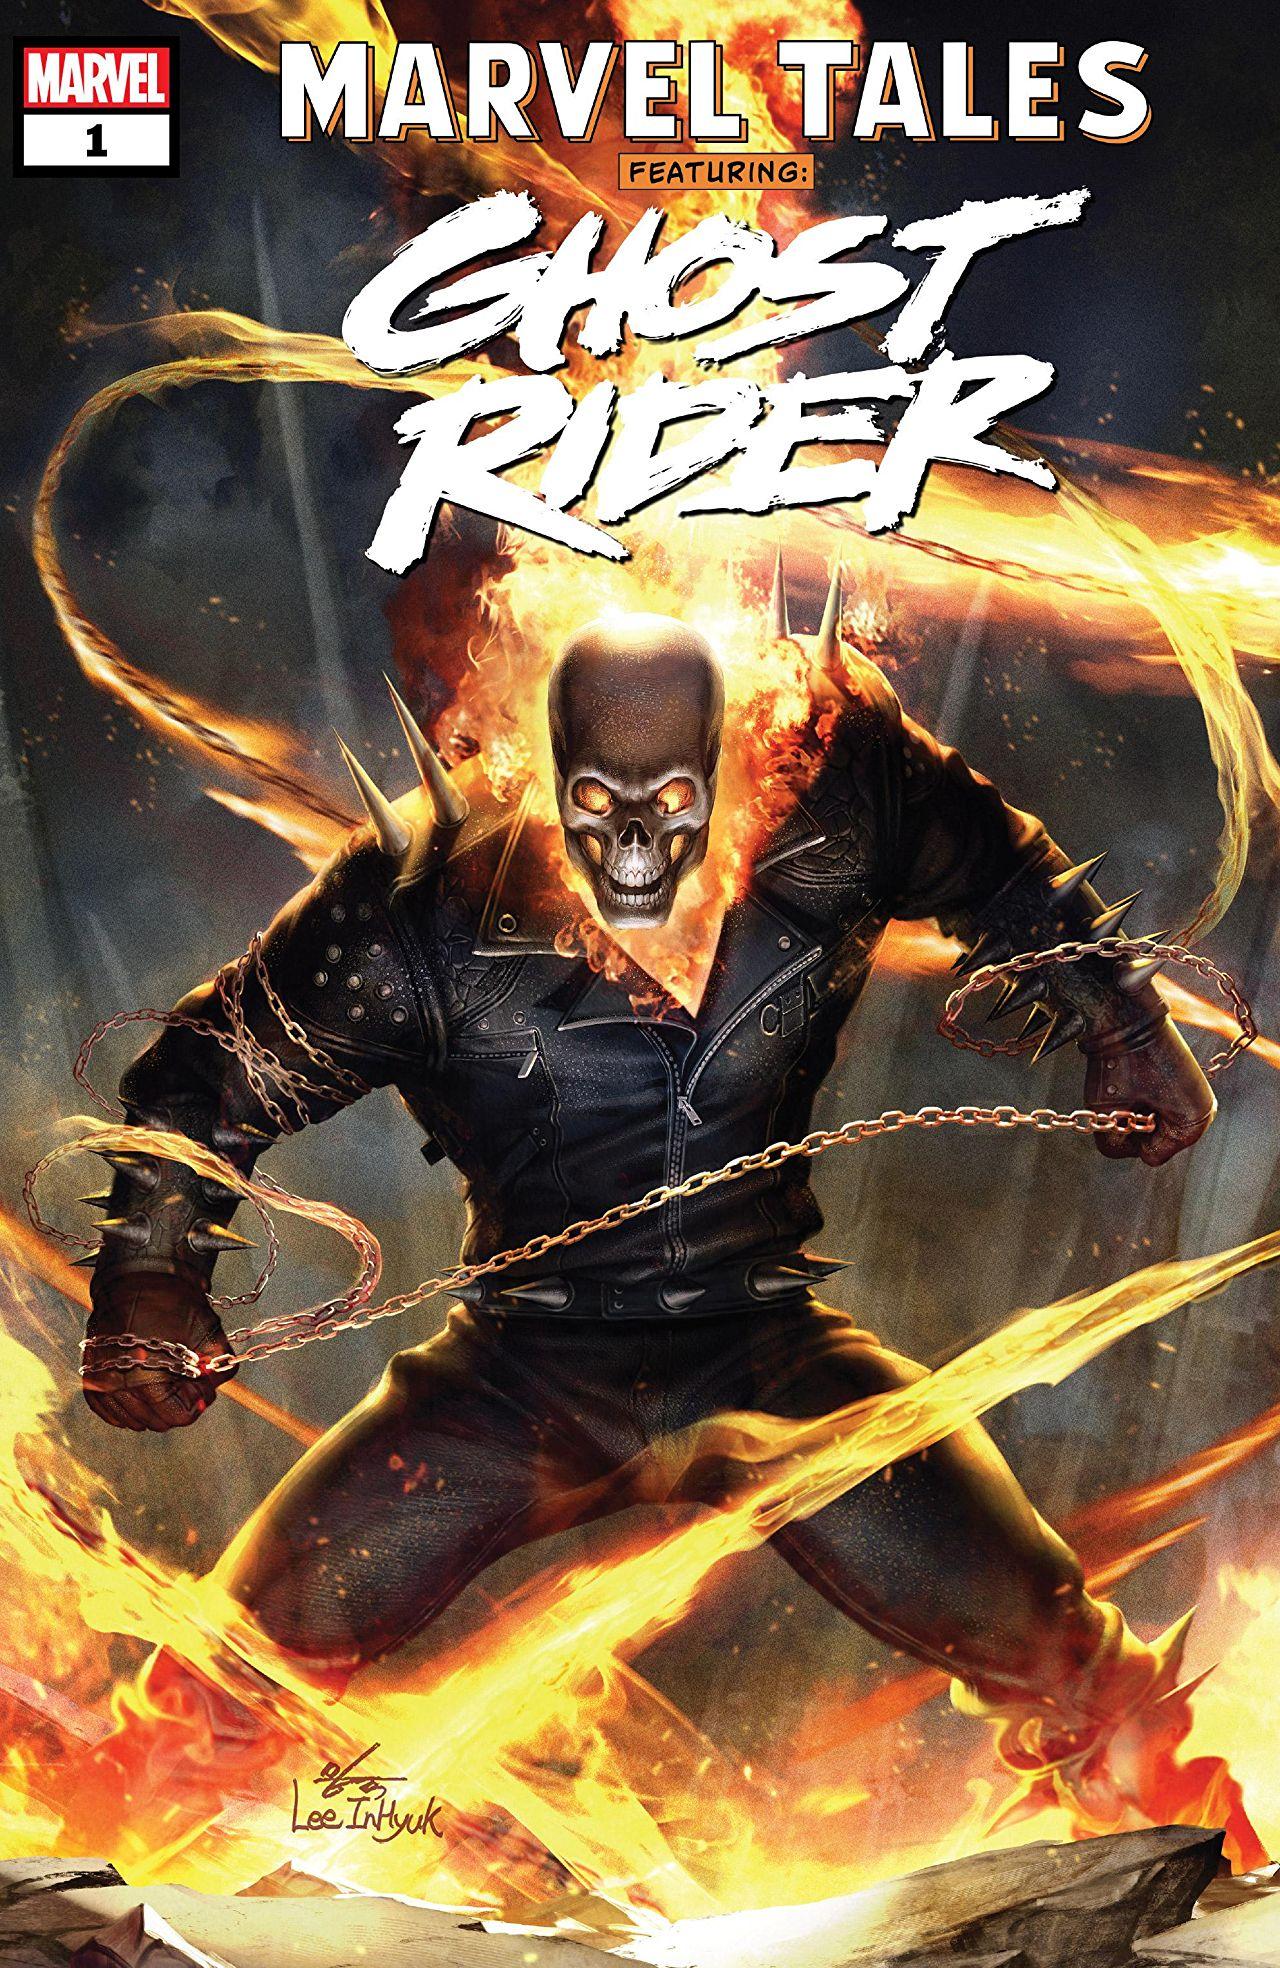 Marvel Tales: Ghost Rider Vol 1 1